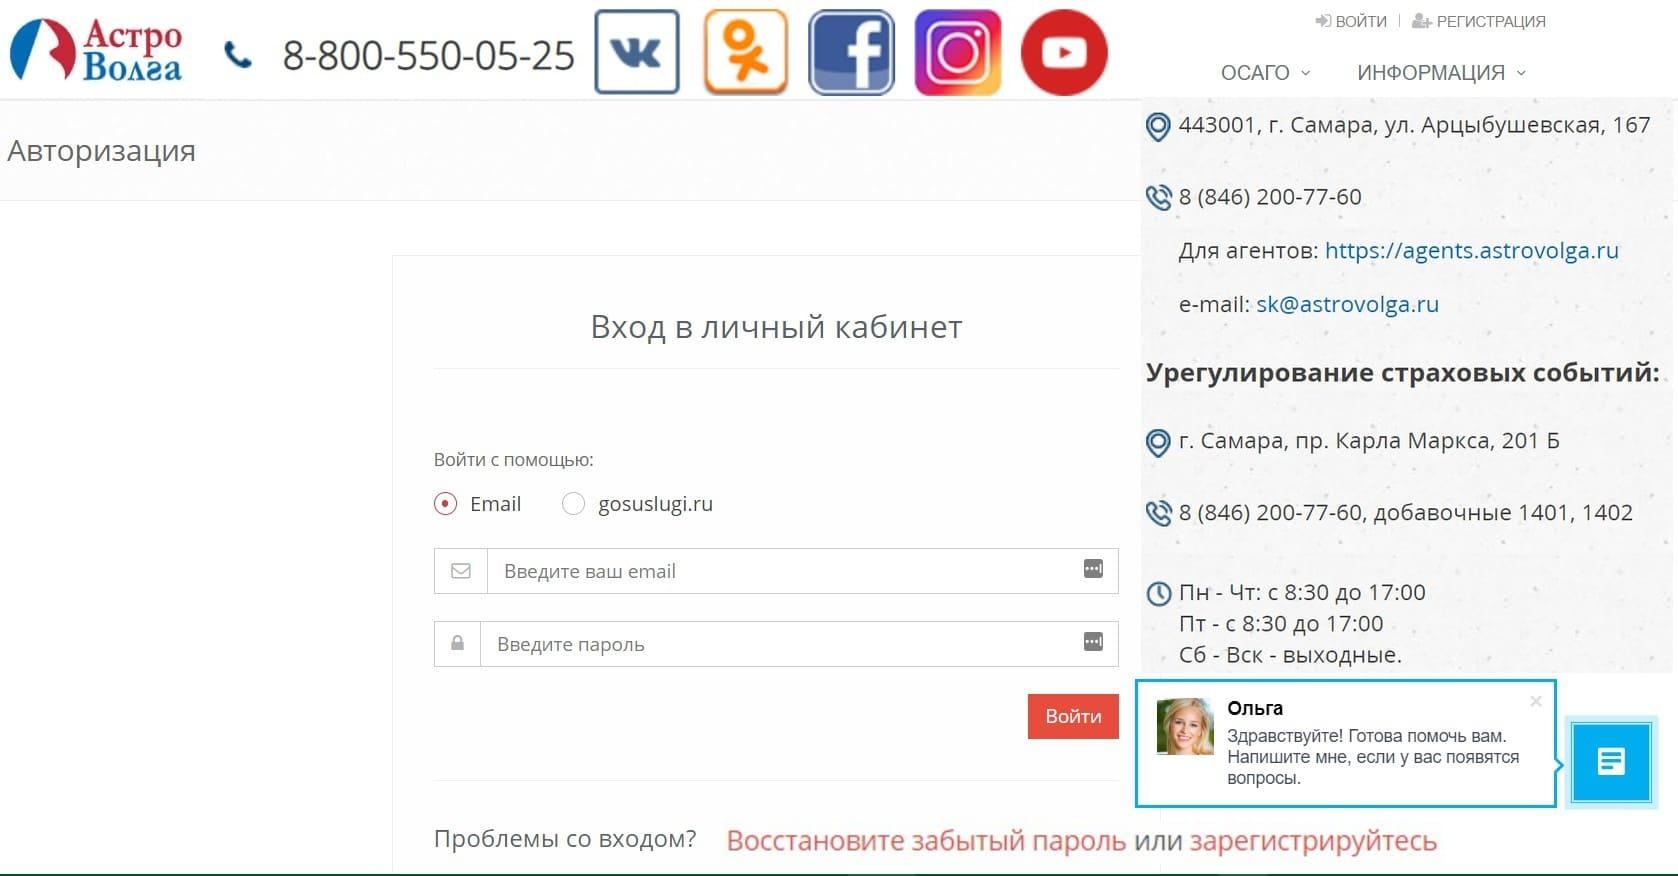 Астро Волга личный кабинет